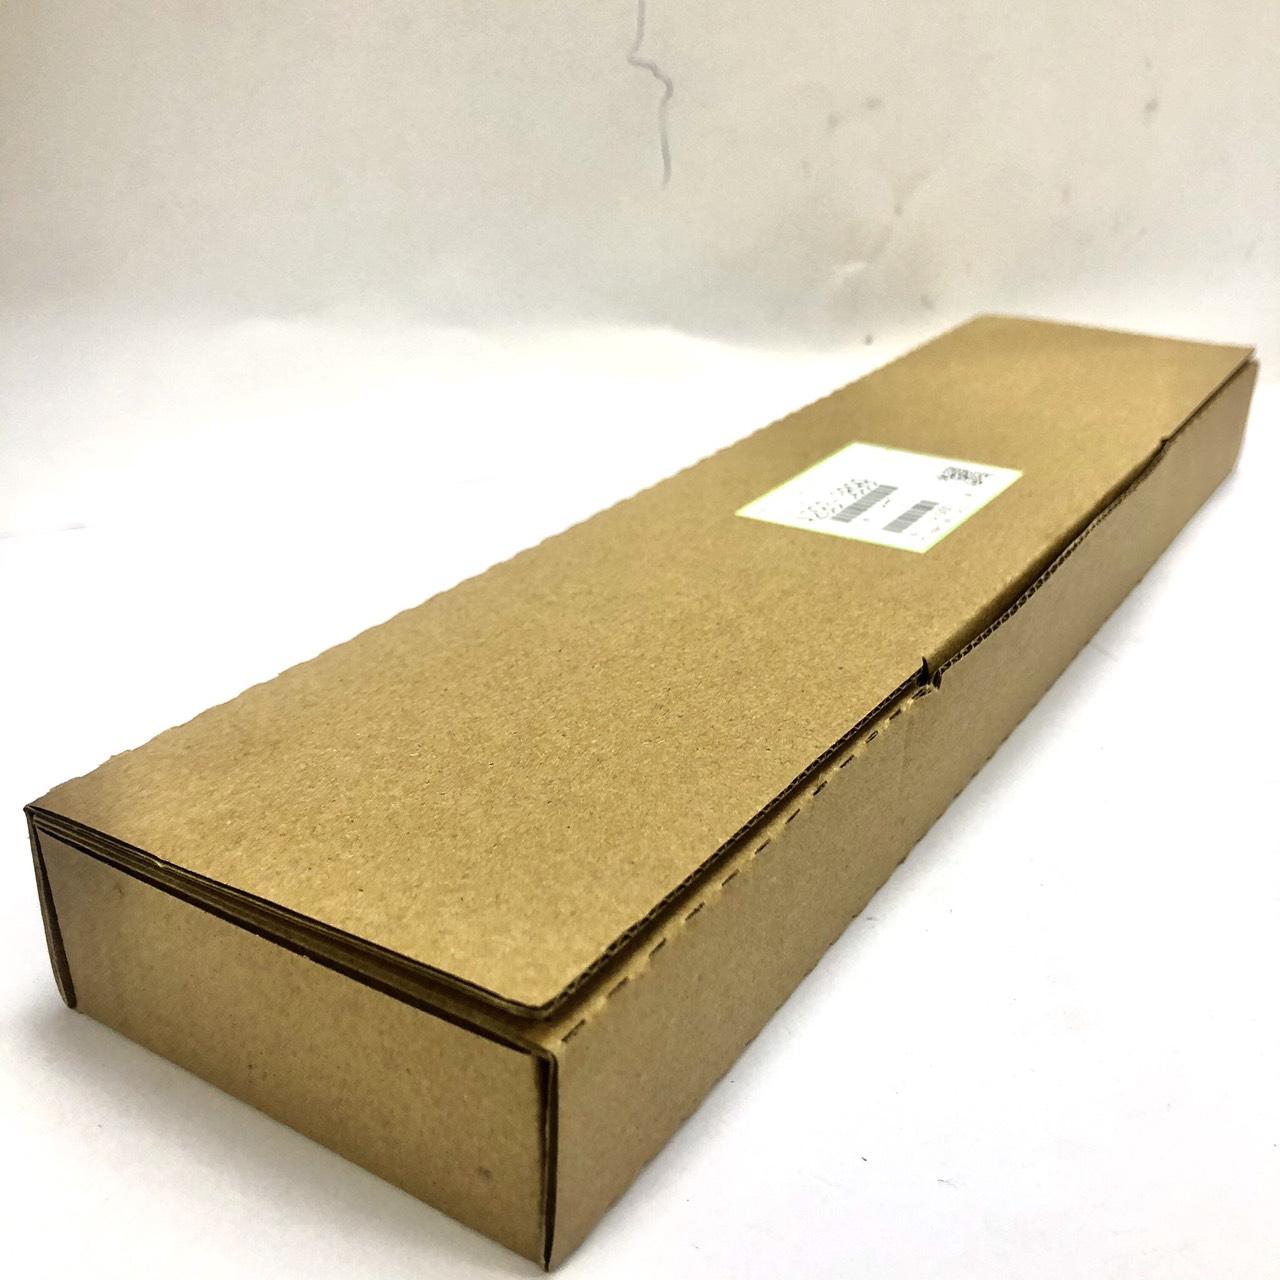 Băng tải (bell) máy photocopy dùng cho máy photocopy Toshiba E 550, 650, 520, 720, 850, 555, 655, 755, 556, 656, 756, 657, 857